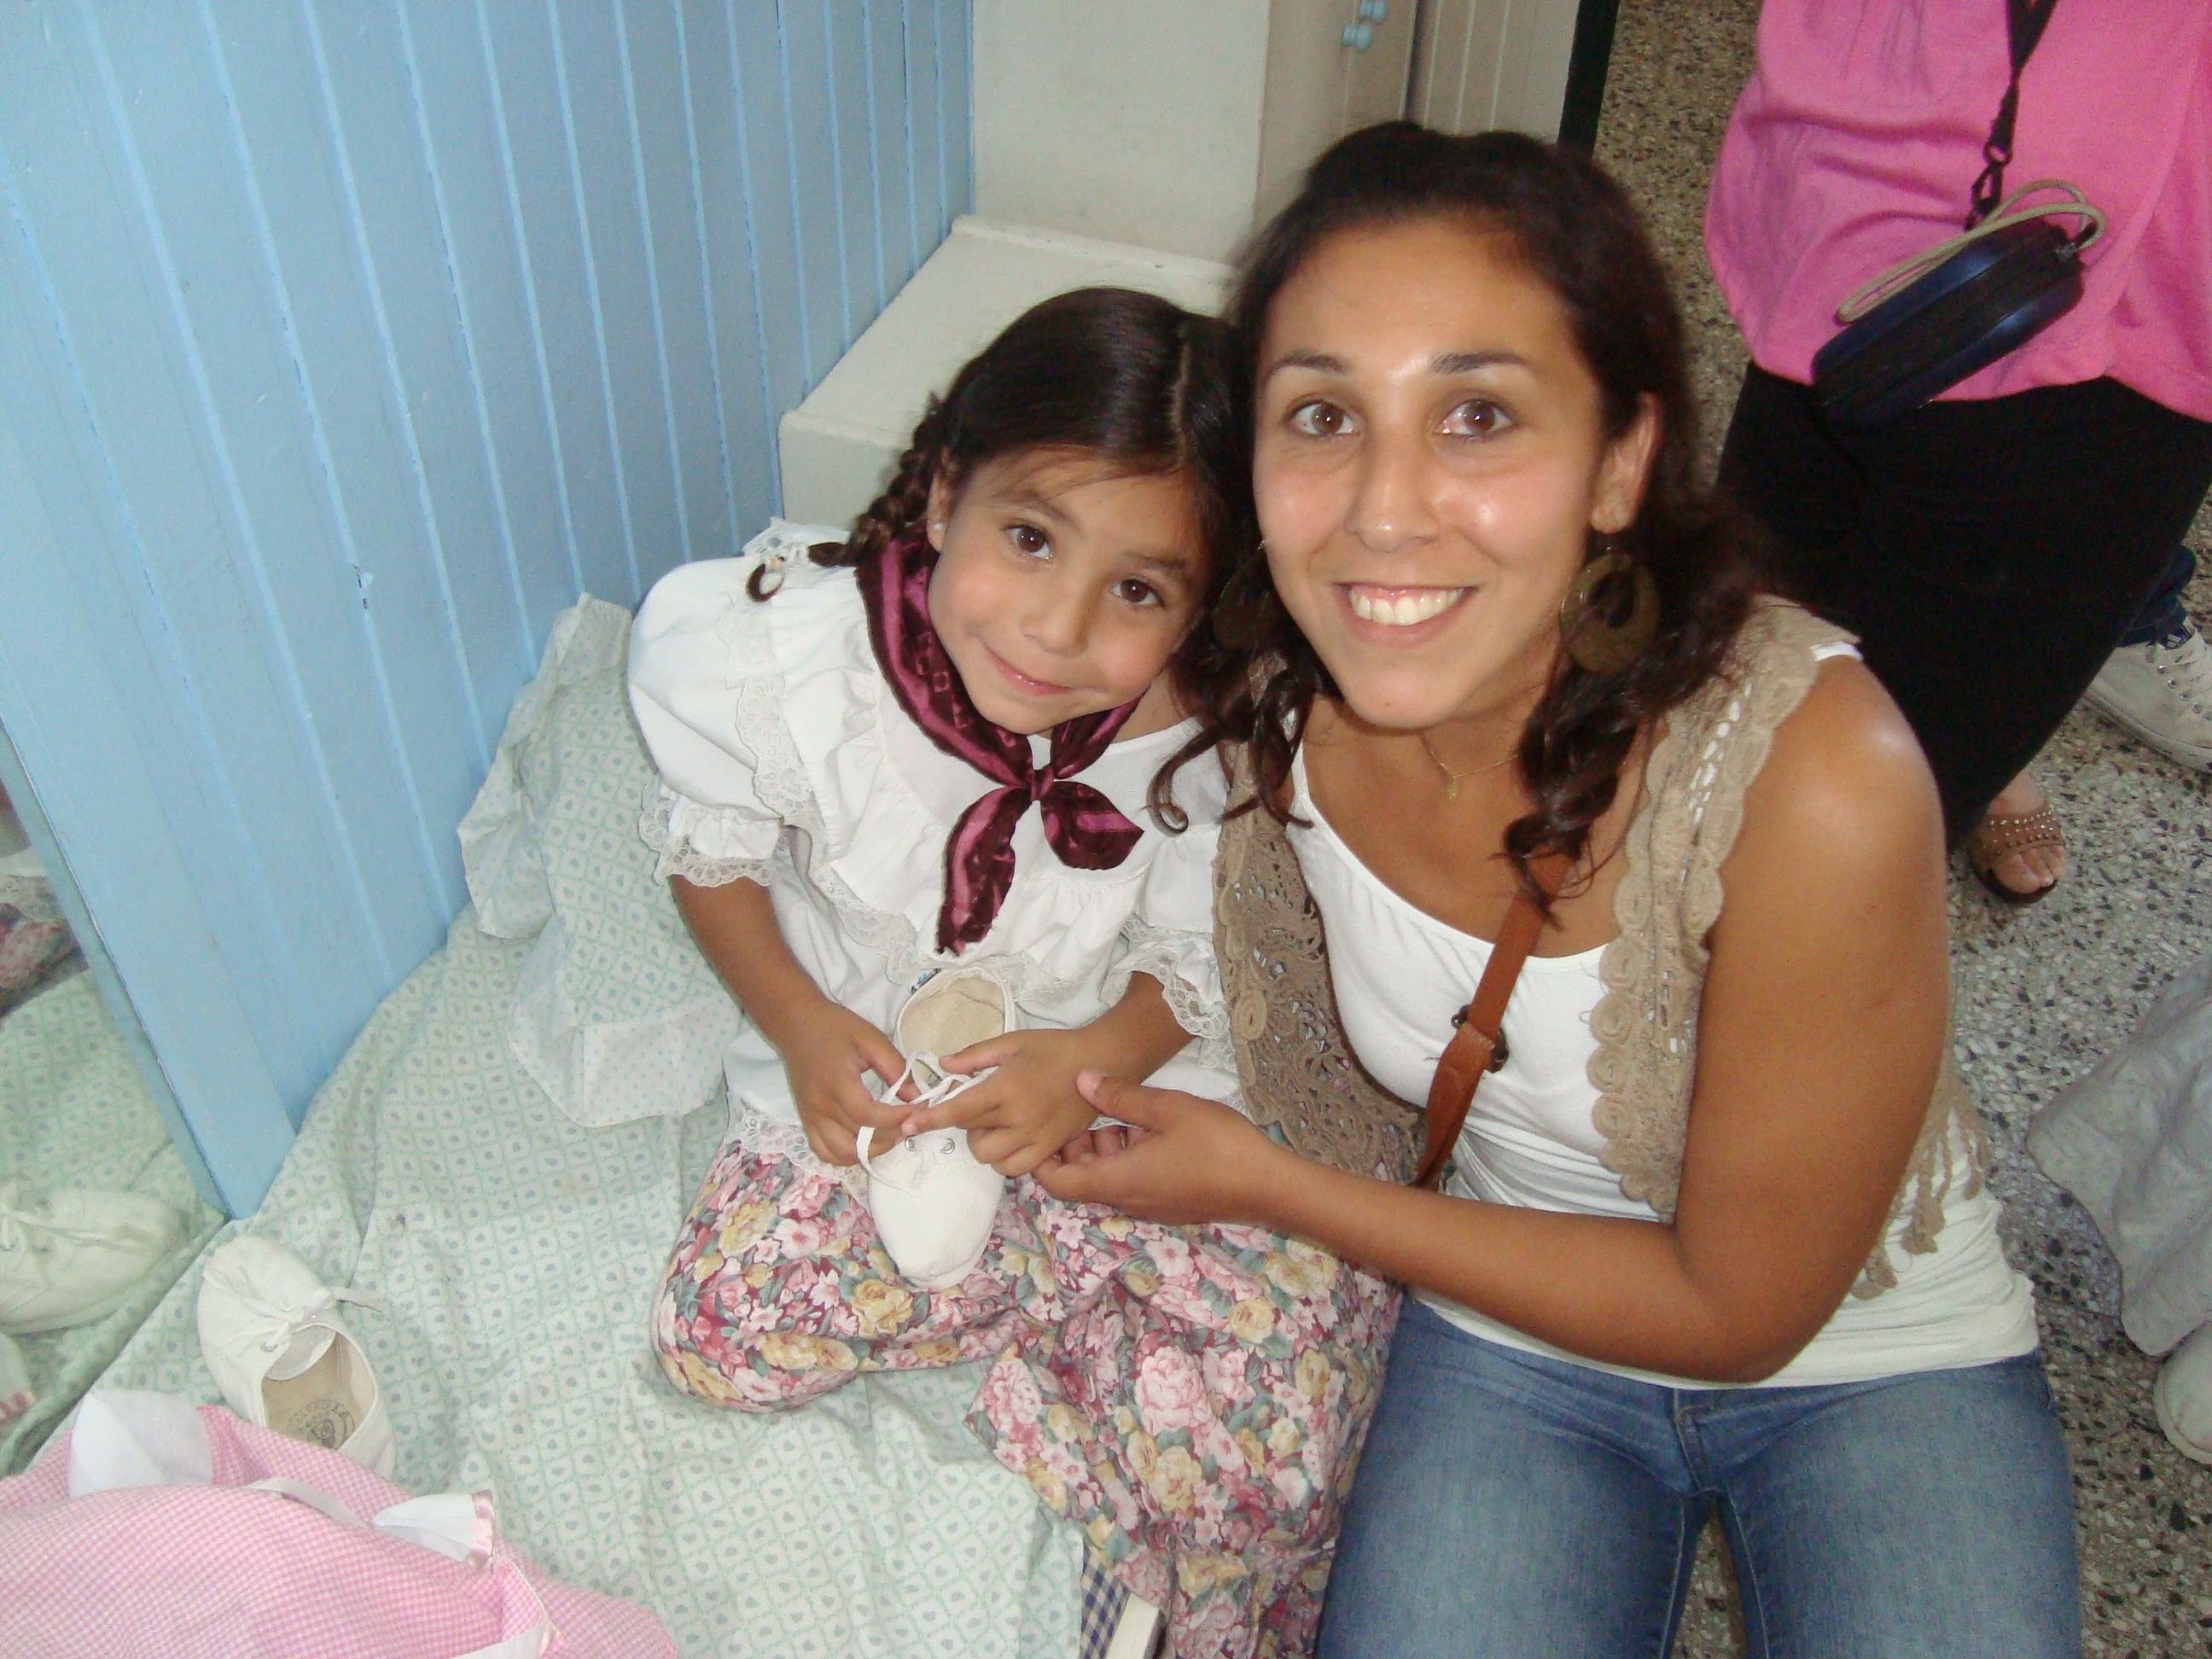 Yamila, ex-paciente de Linfoma de Hodgkin, con su hija